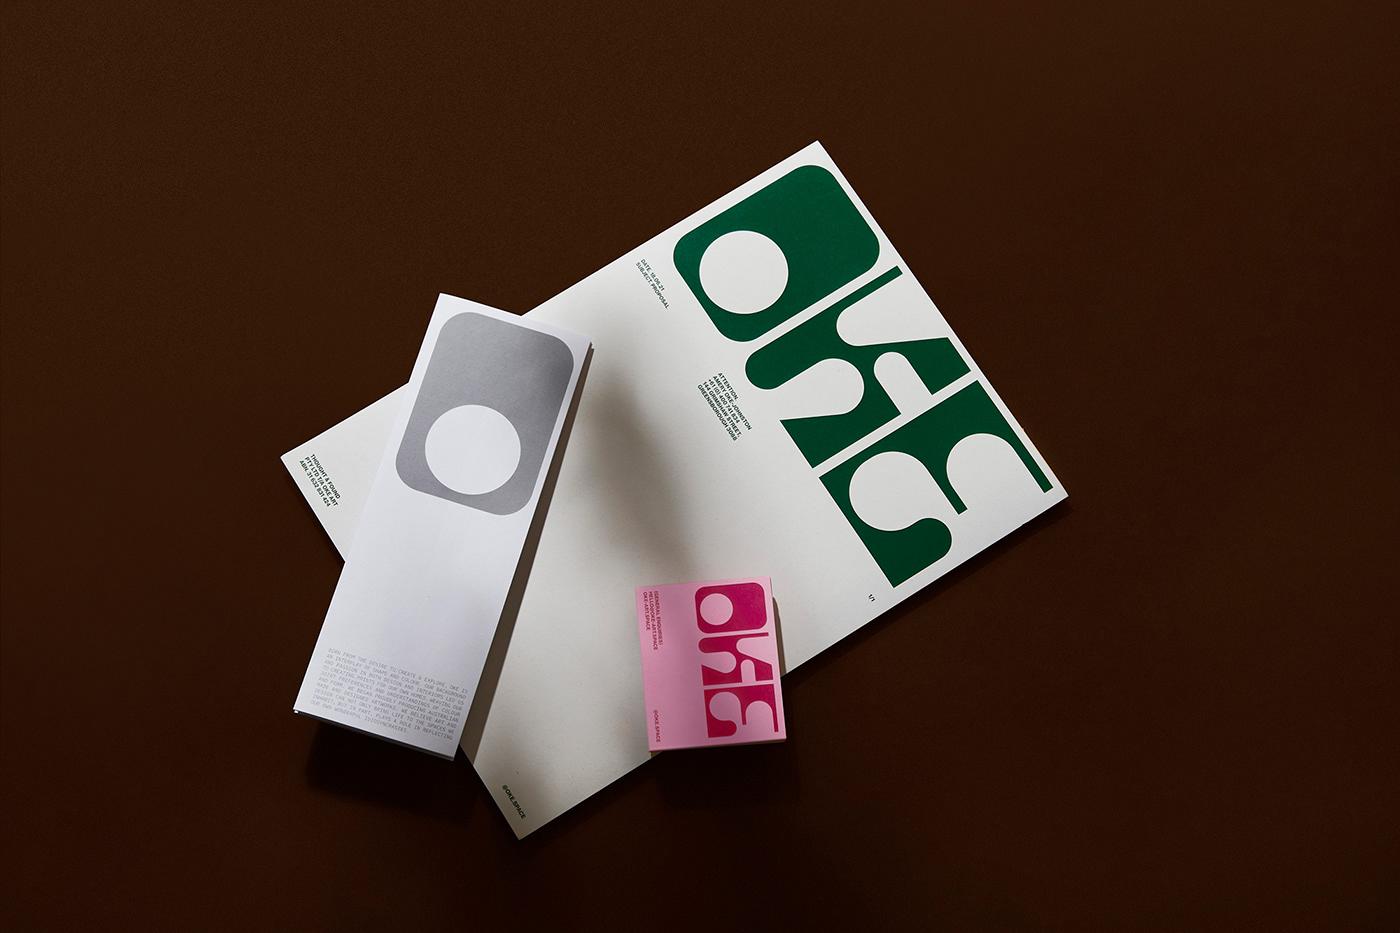 art brand identity branding  design identity logo Logo Design typography   visual identity